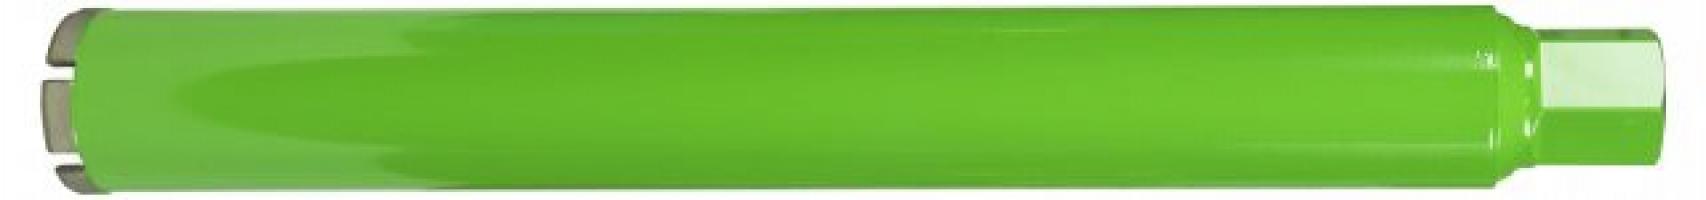 """24tool.ru  Айбеншток Алмазные мокрые буровые коронки, 1 ¼ """"- Ø 41 мм Eibenstock"""